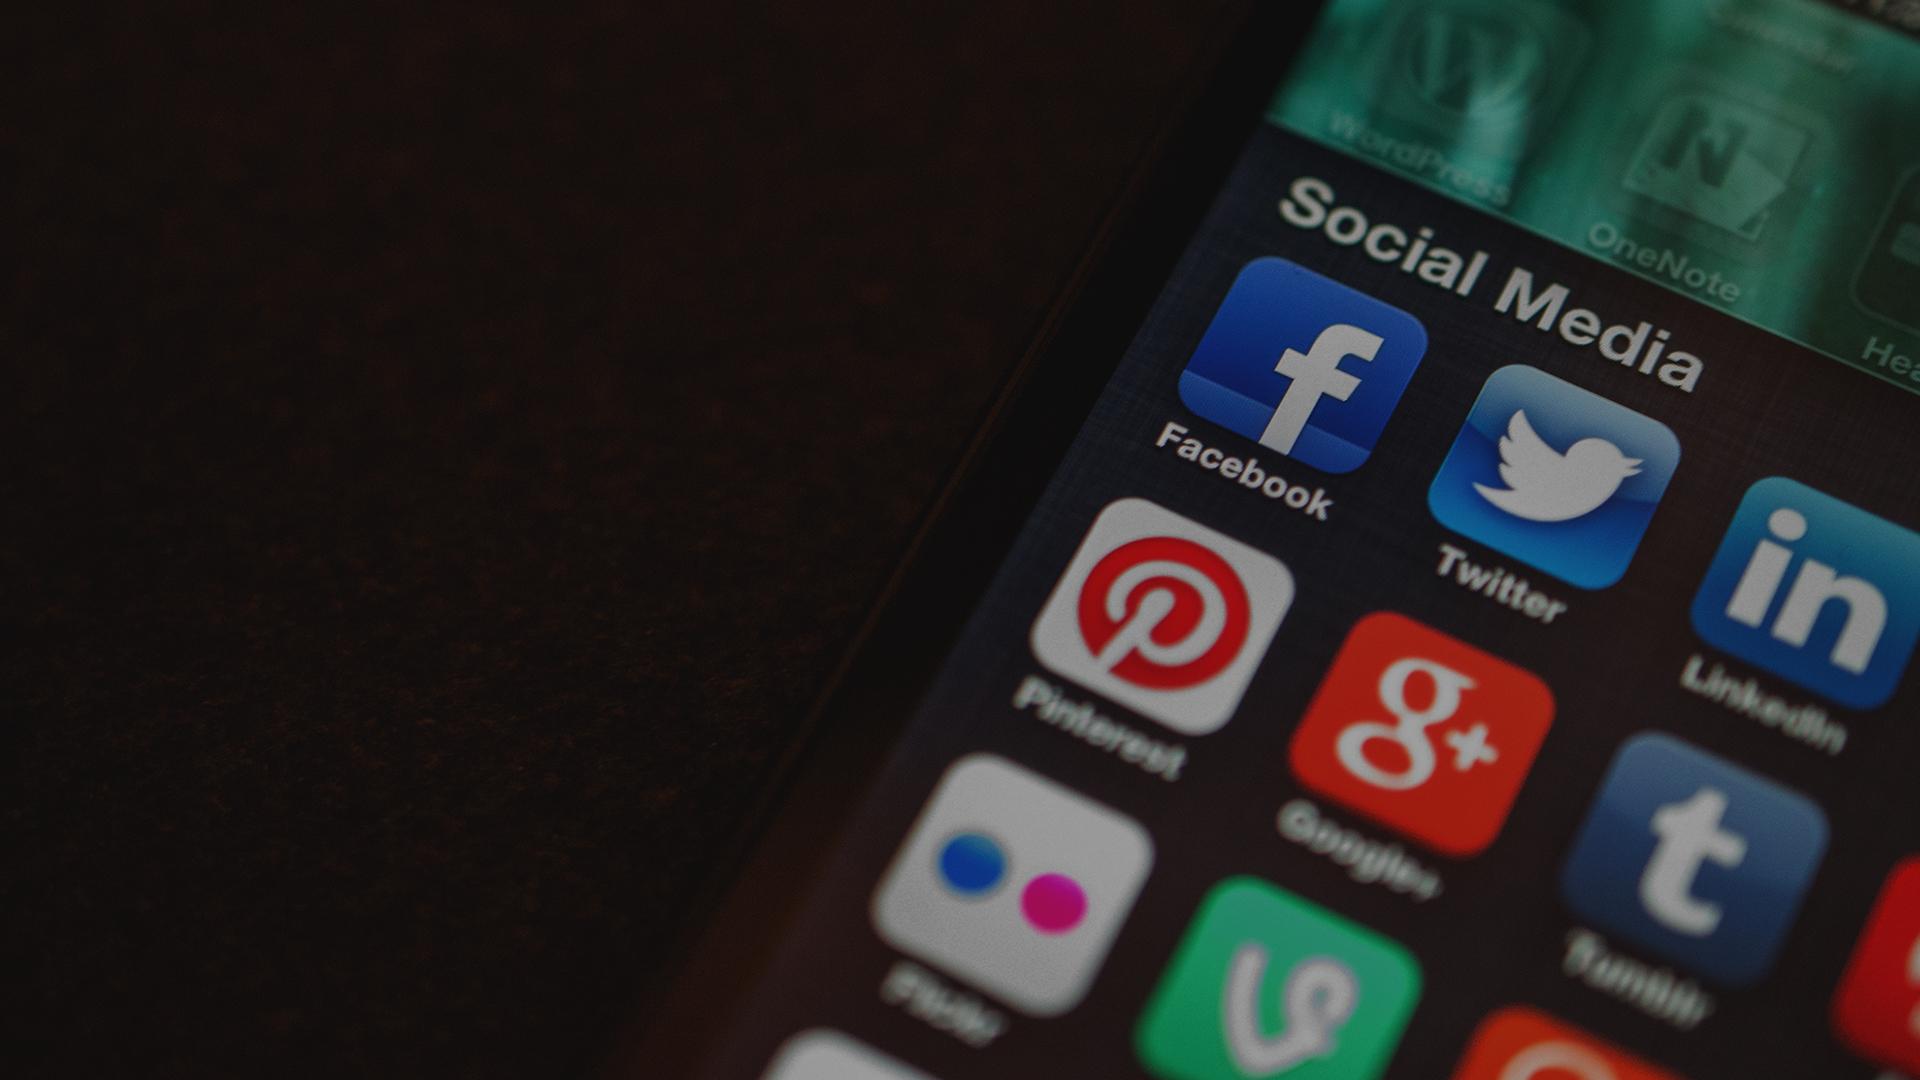 Közösségi média tartalmak kezelése